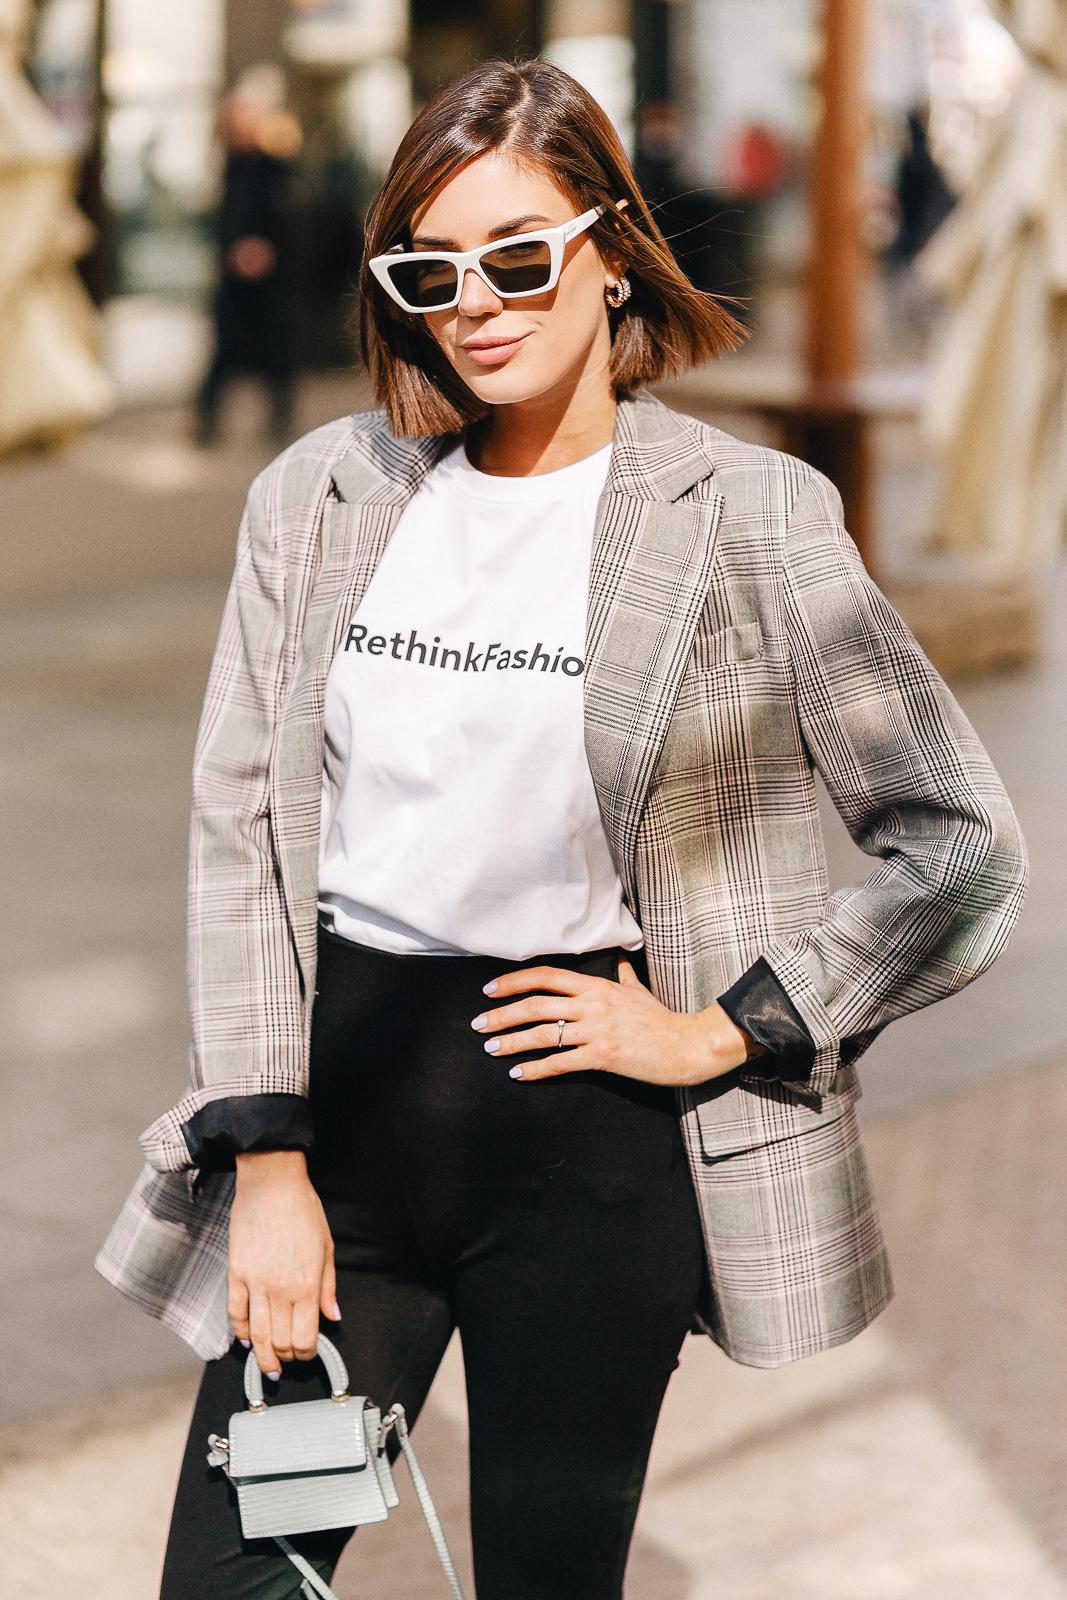 Kampanja #RethinkFashion povezuje etiku i estetiku